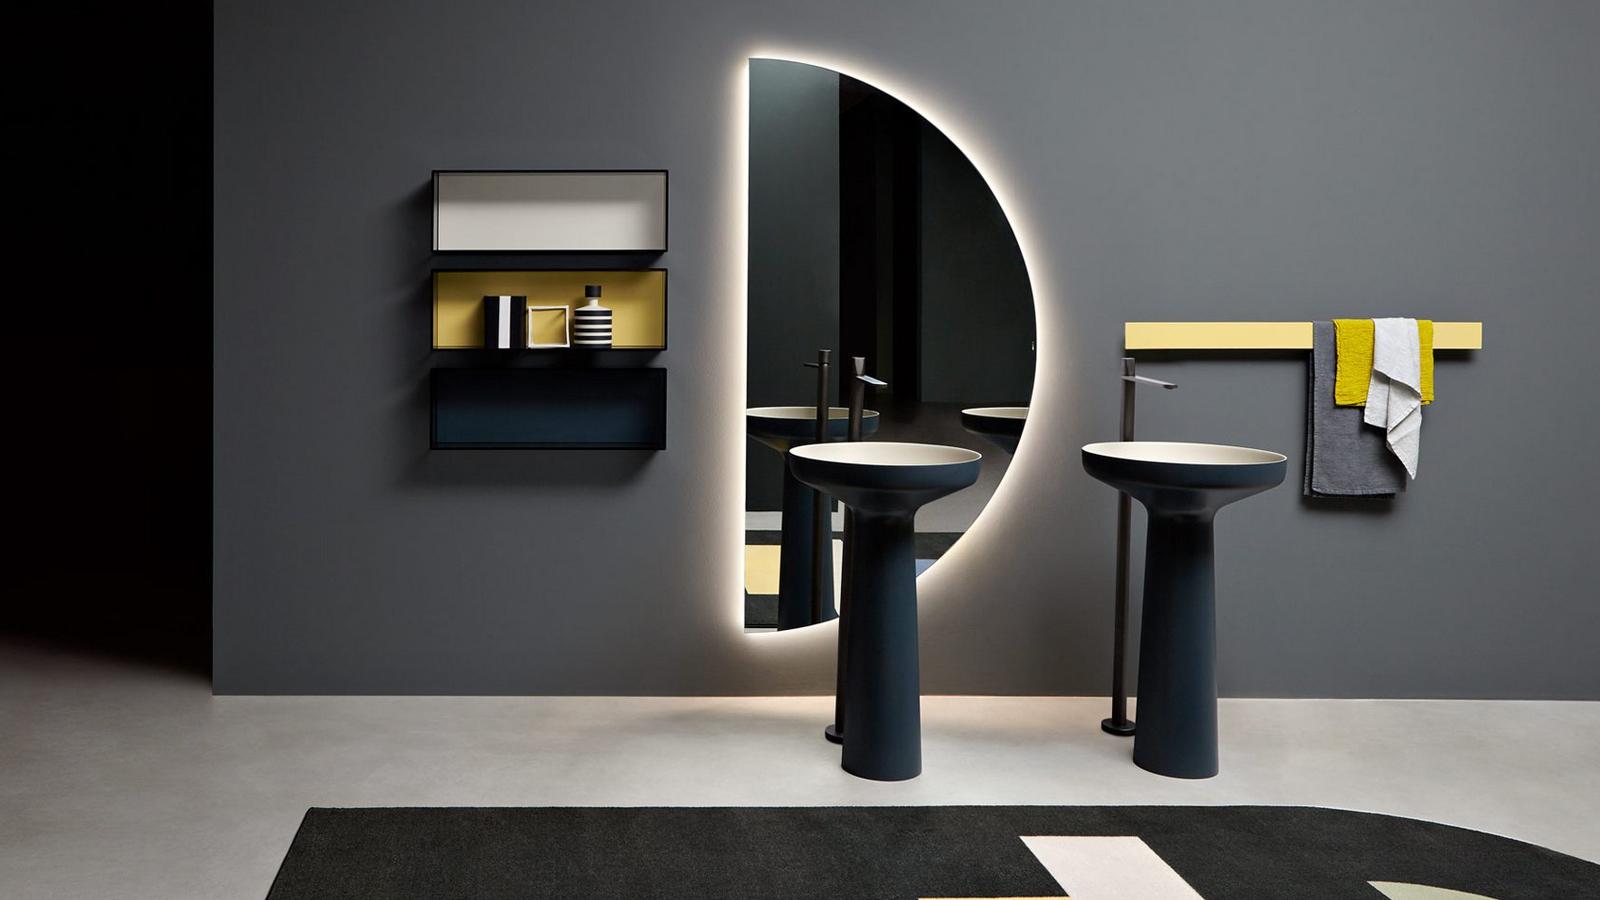 A Spicchio tükör sajátos atmoszférateremtő elem a fürdőszobában: a félholdra emlékeztető forma a függés és a lebegés érzeteit hagyja maga után. Páratlan energiájának köszönhetően teátrális hatást teremt a fürdőszoba hétköznapi színterében. Bővíti, tágítja a teret, színt hoz a napi rutinok elvégzéséhez. A tiszta geometrián alapuló Spicchio különlegessé, elvarázsolttá teszi a legegyszerűbb fürdőszobai teret is!